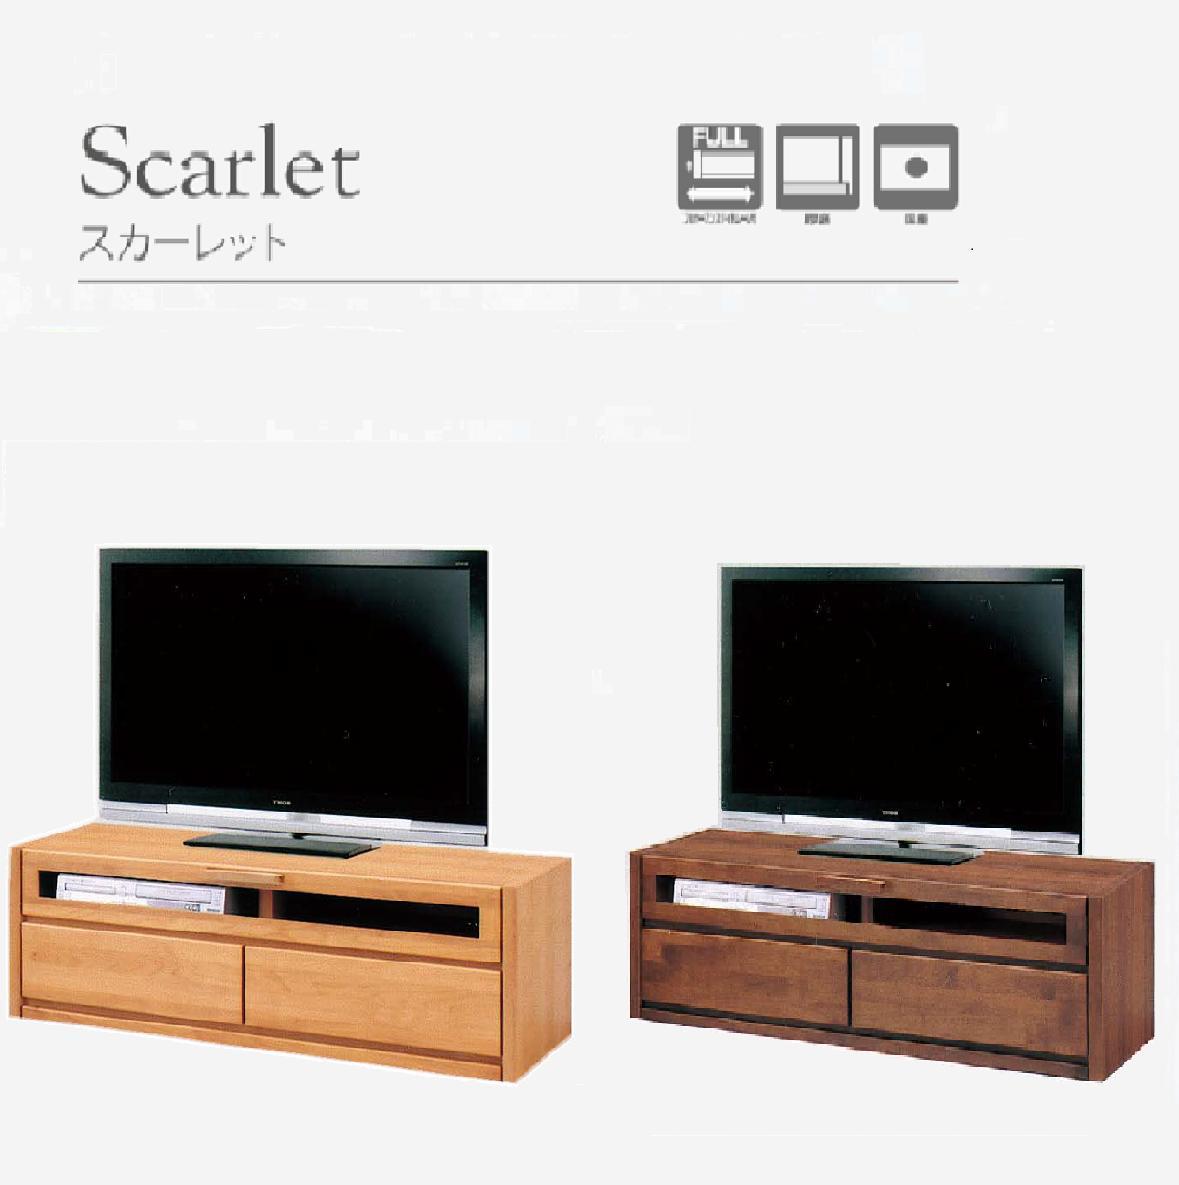 【送料無料】120 TVボード 完成品 スカーレット ロータイプ TV 42型 37型 32型 24型 テレビ台 テレビボード 北欧 木目 収納 棚 和モダン  家具 通販 日本製【国産 家具】